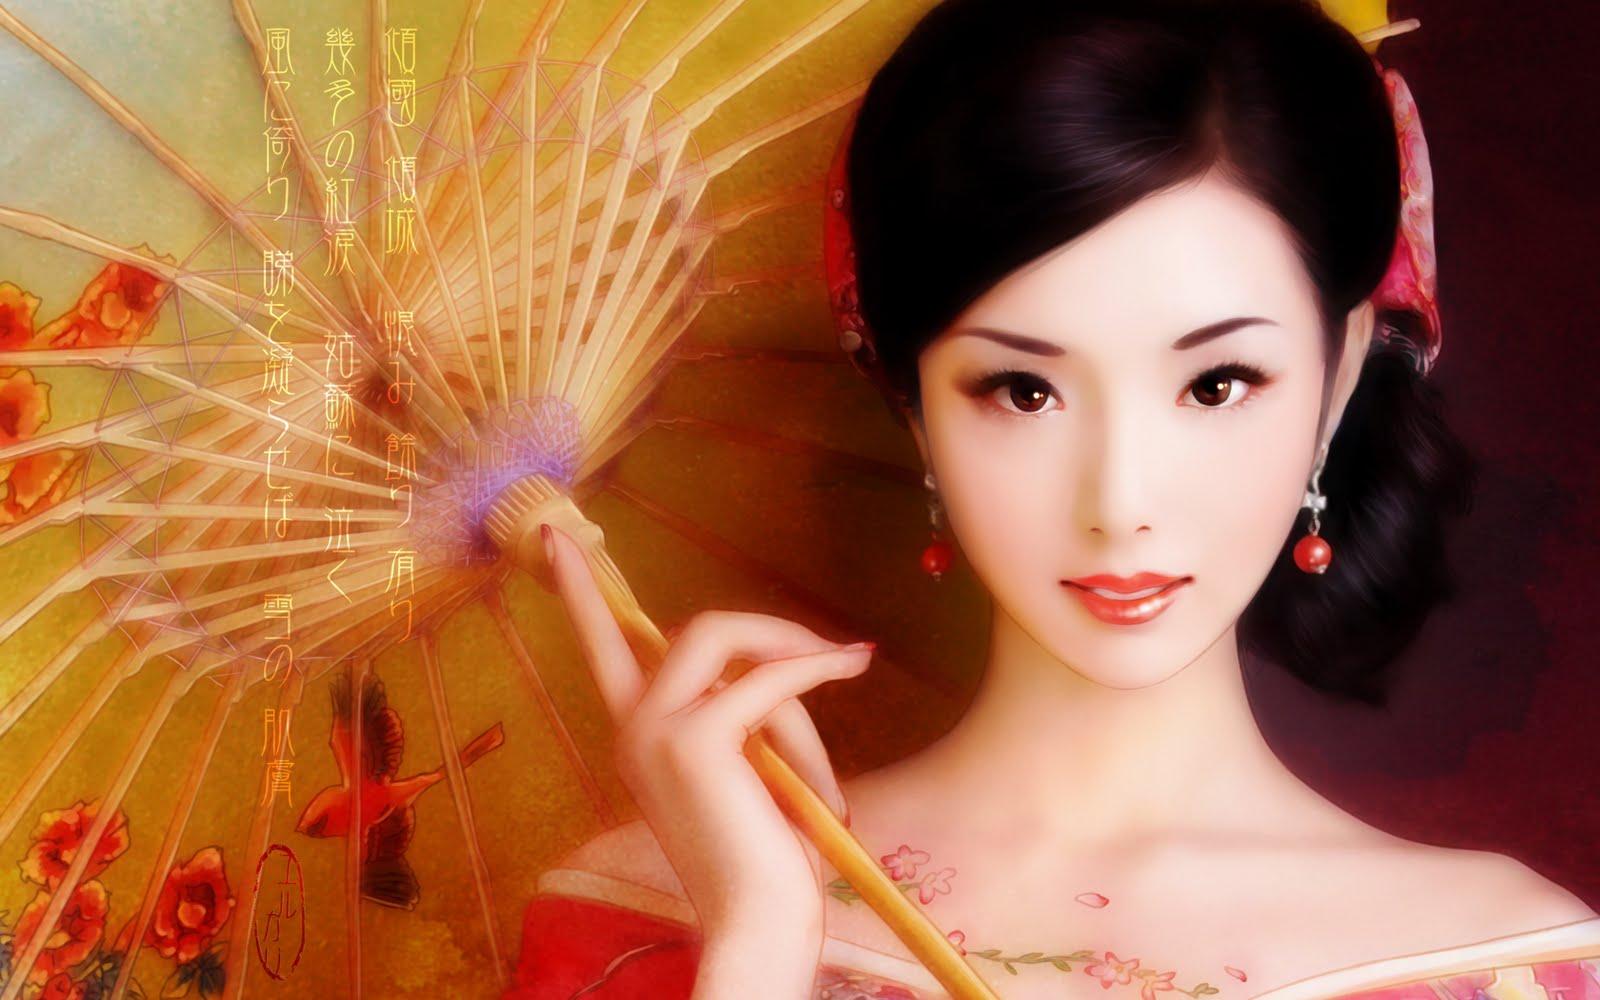 http://3.bp.blogspot.com/-JbmPInkNhnQ/TetLXJiGaGI/AAAAAAAAAnc/J2XUfvKAbxQ/s1600/Kimono%2BBeauty%2B%2B%2BWallpaper%2BBy%2BYurkary.jpg